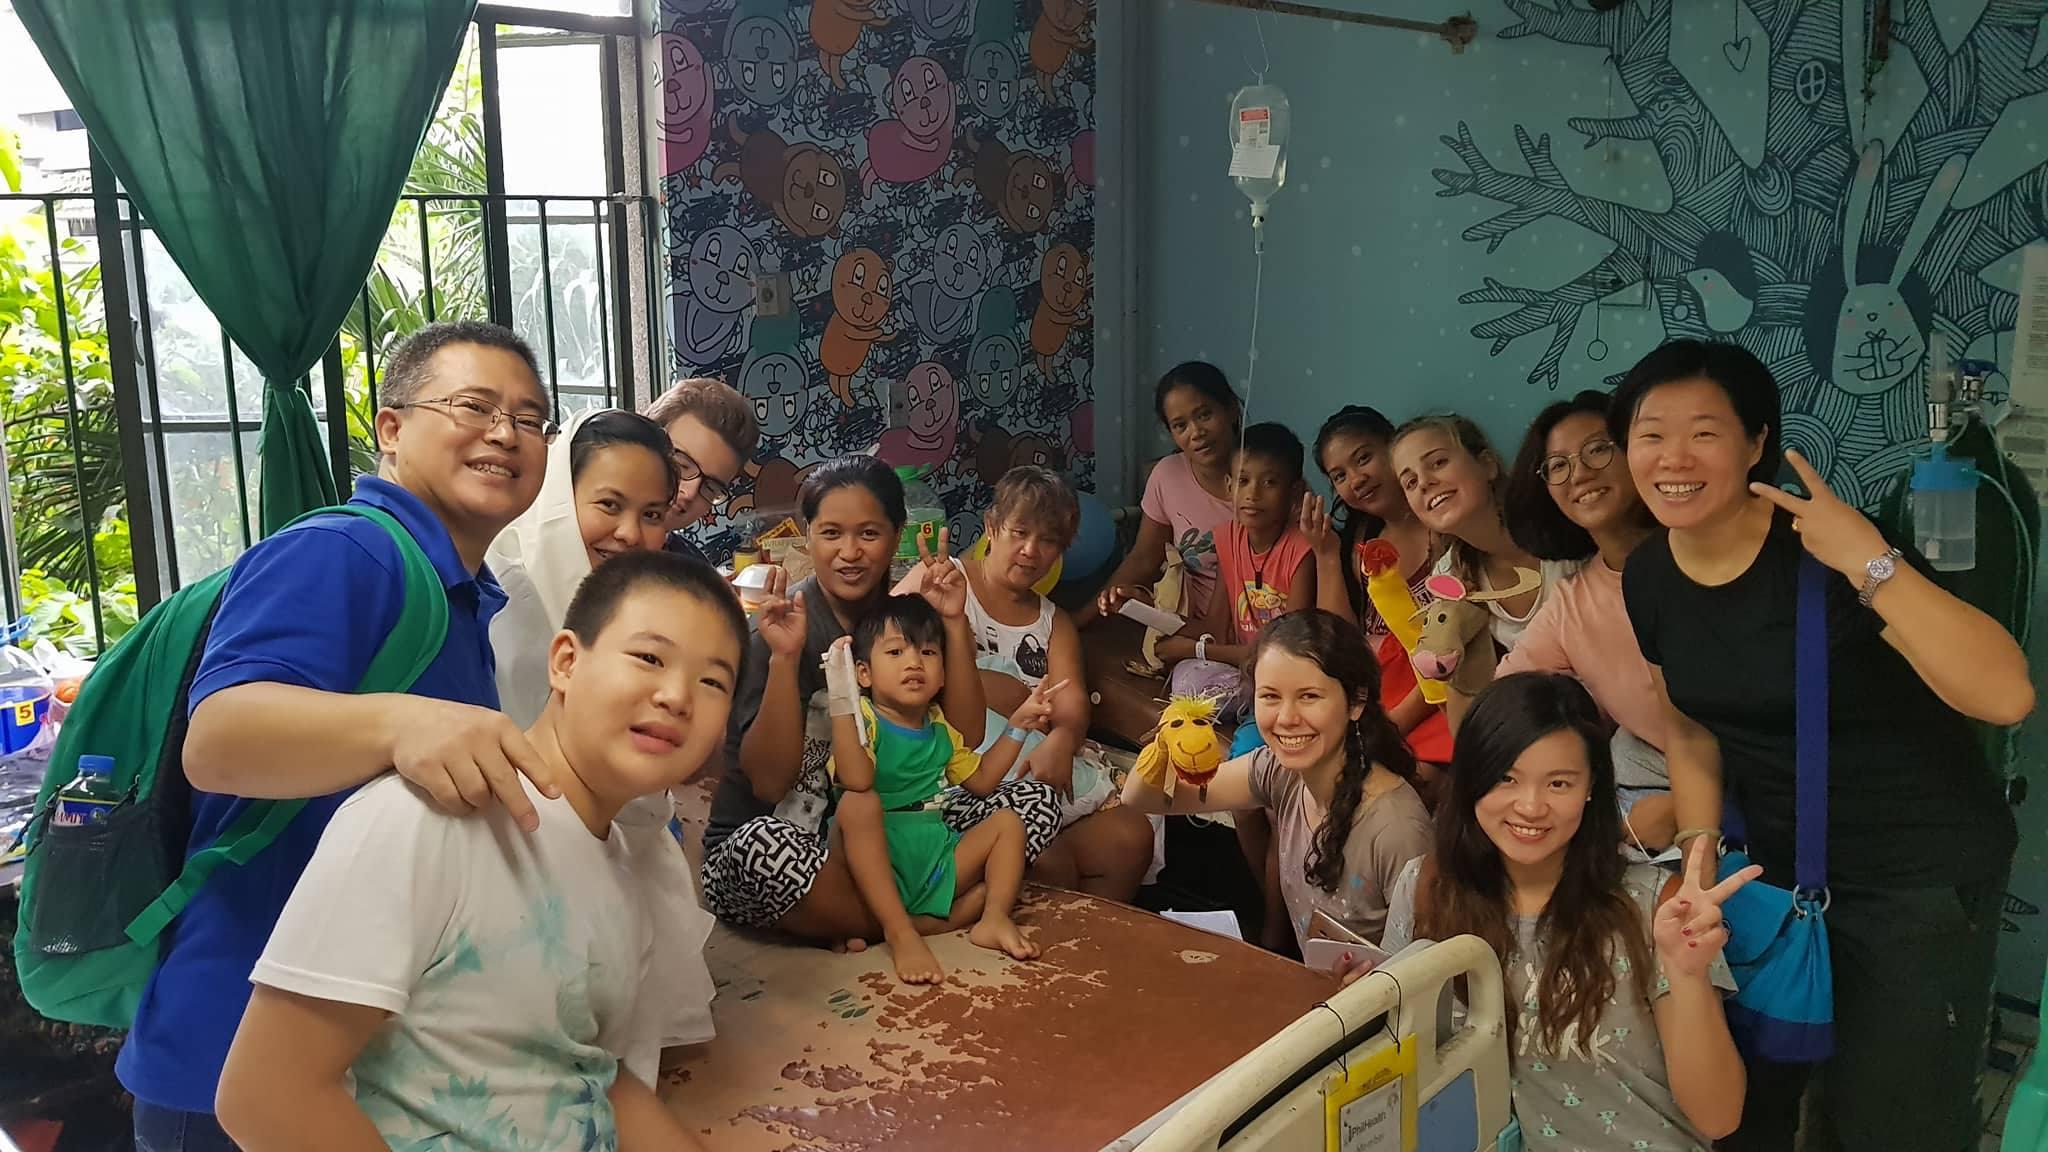 Lieu de rencontre à Manille Philippines